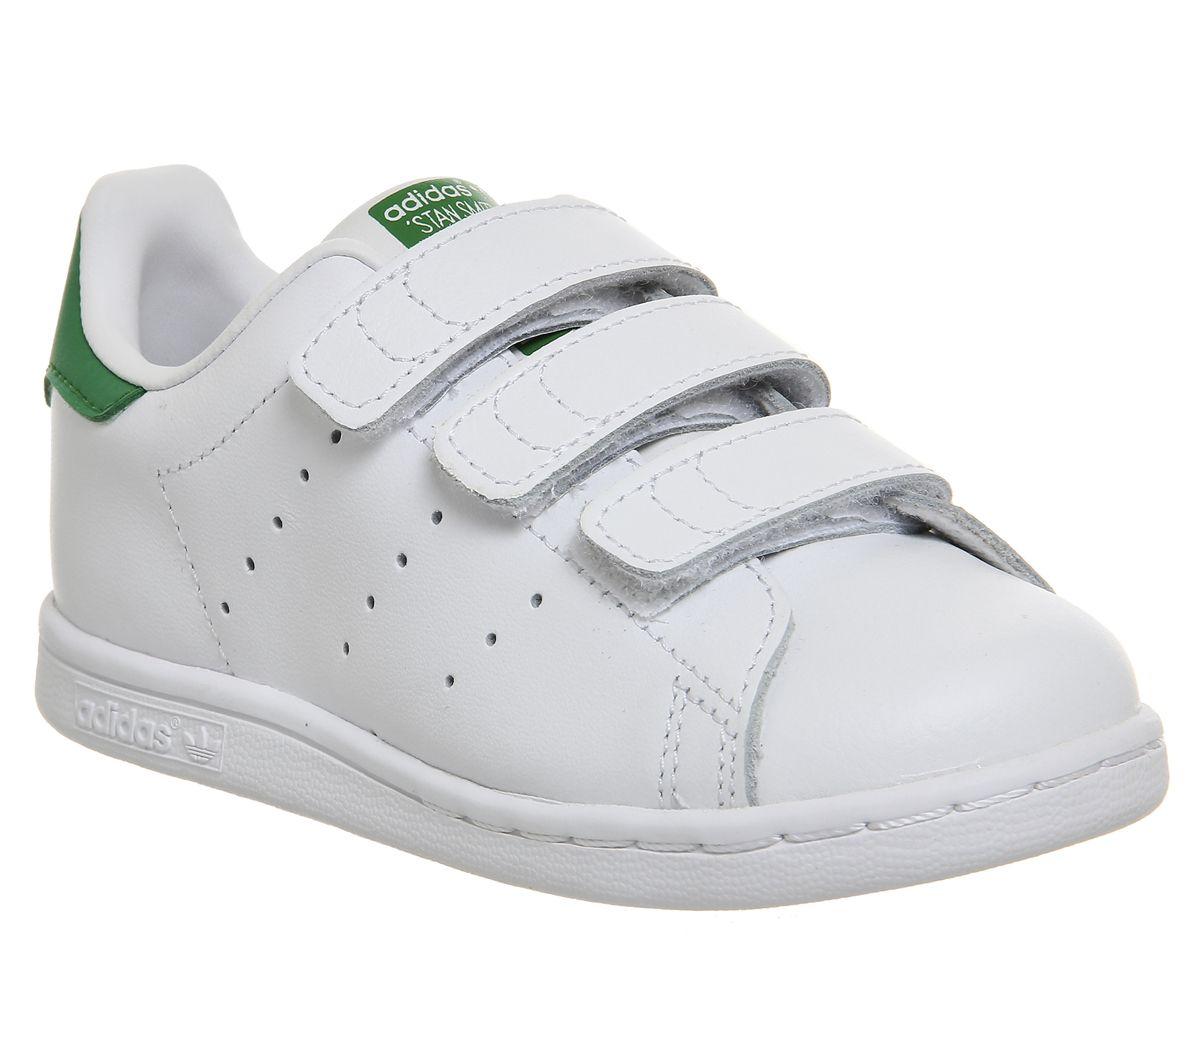 fe5da877bf525 Detalles de Niños Adidas Stan Smith CF TD 3-9 Blanco Verde Niños- ver  título original